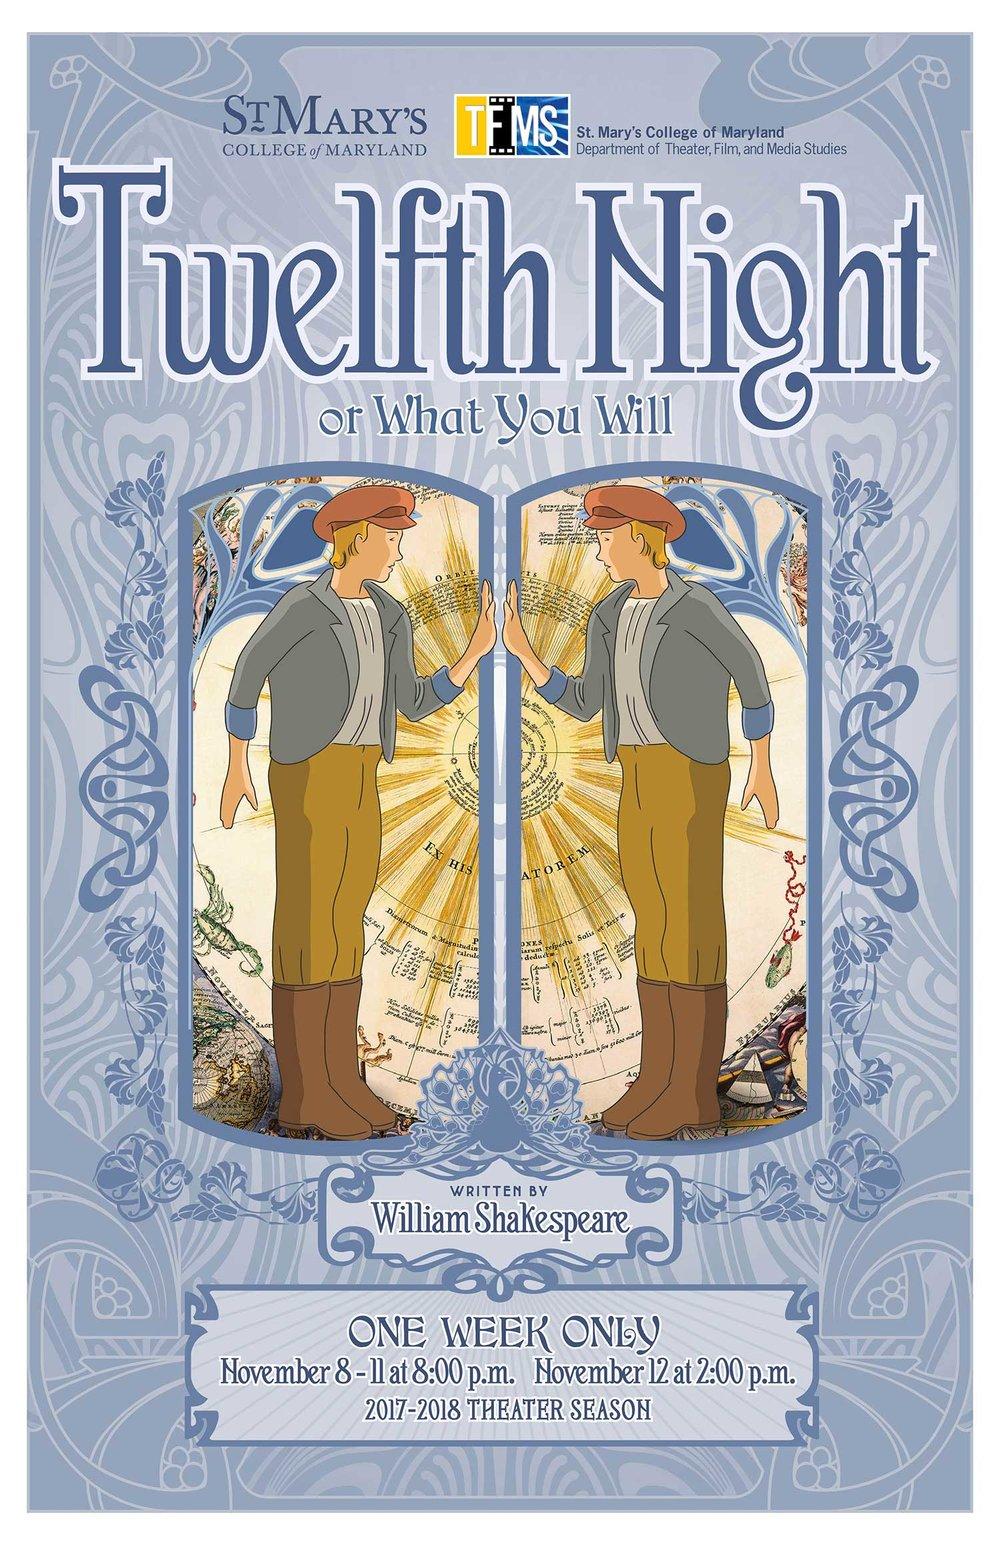 TFMS-17-12th-Night-postcard-FA.jpg